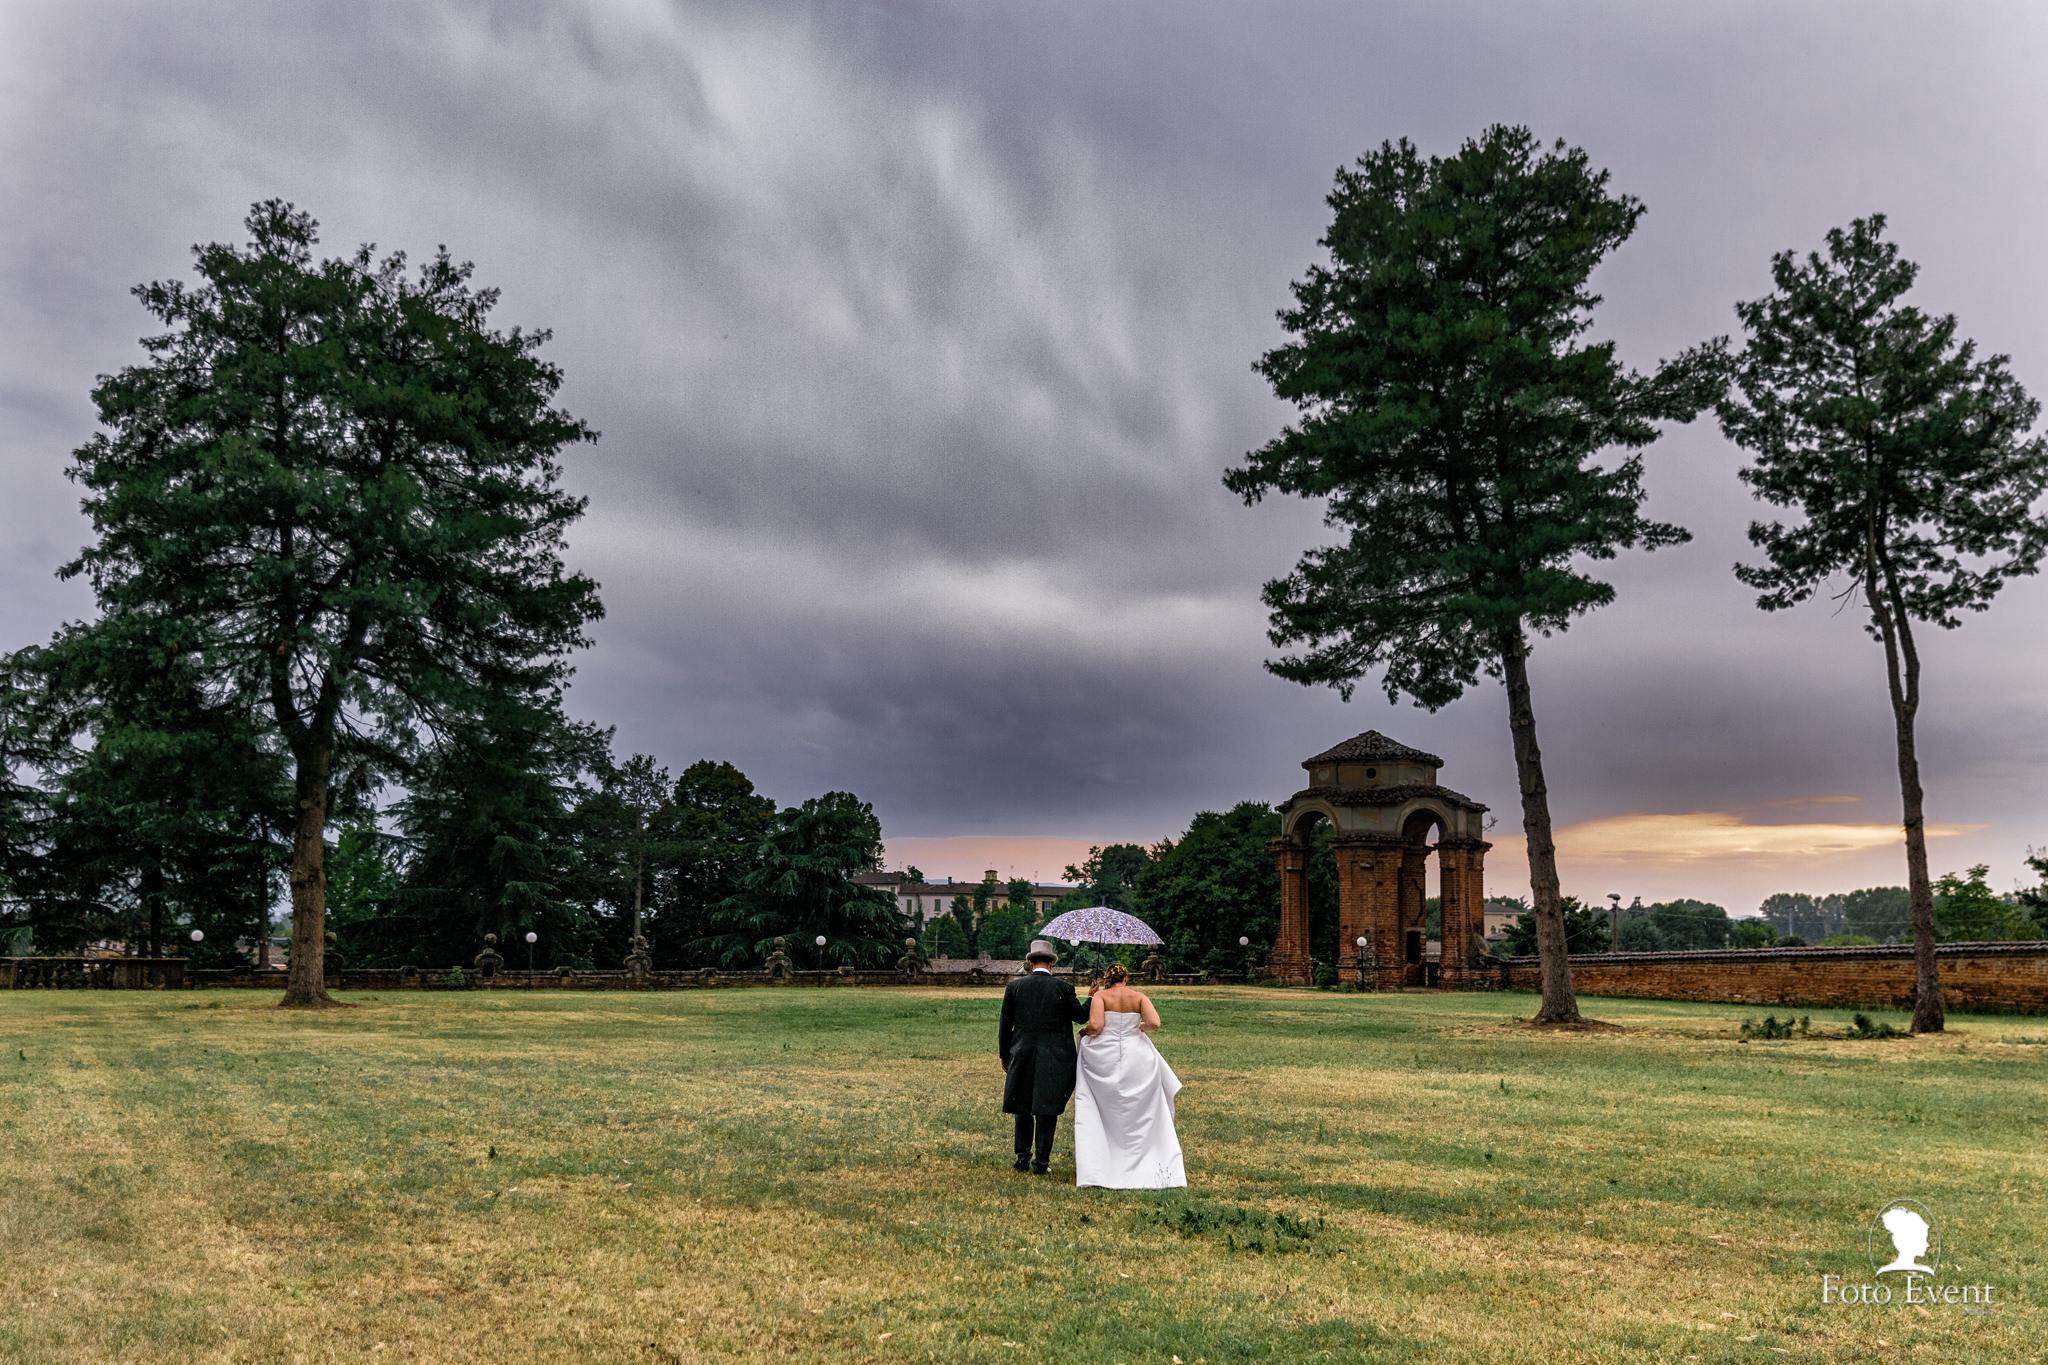 069-2019-07-27-Matrimonio-Valentina-e-Alessandro-Pettinari-5DE-1346